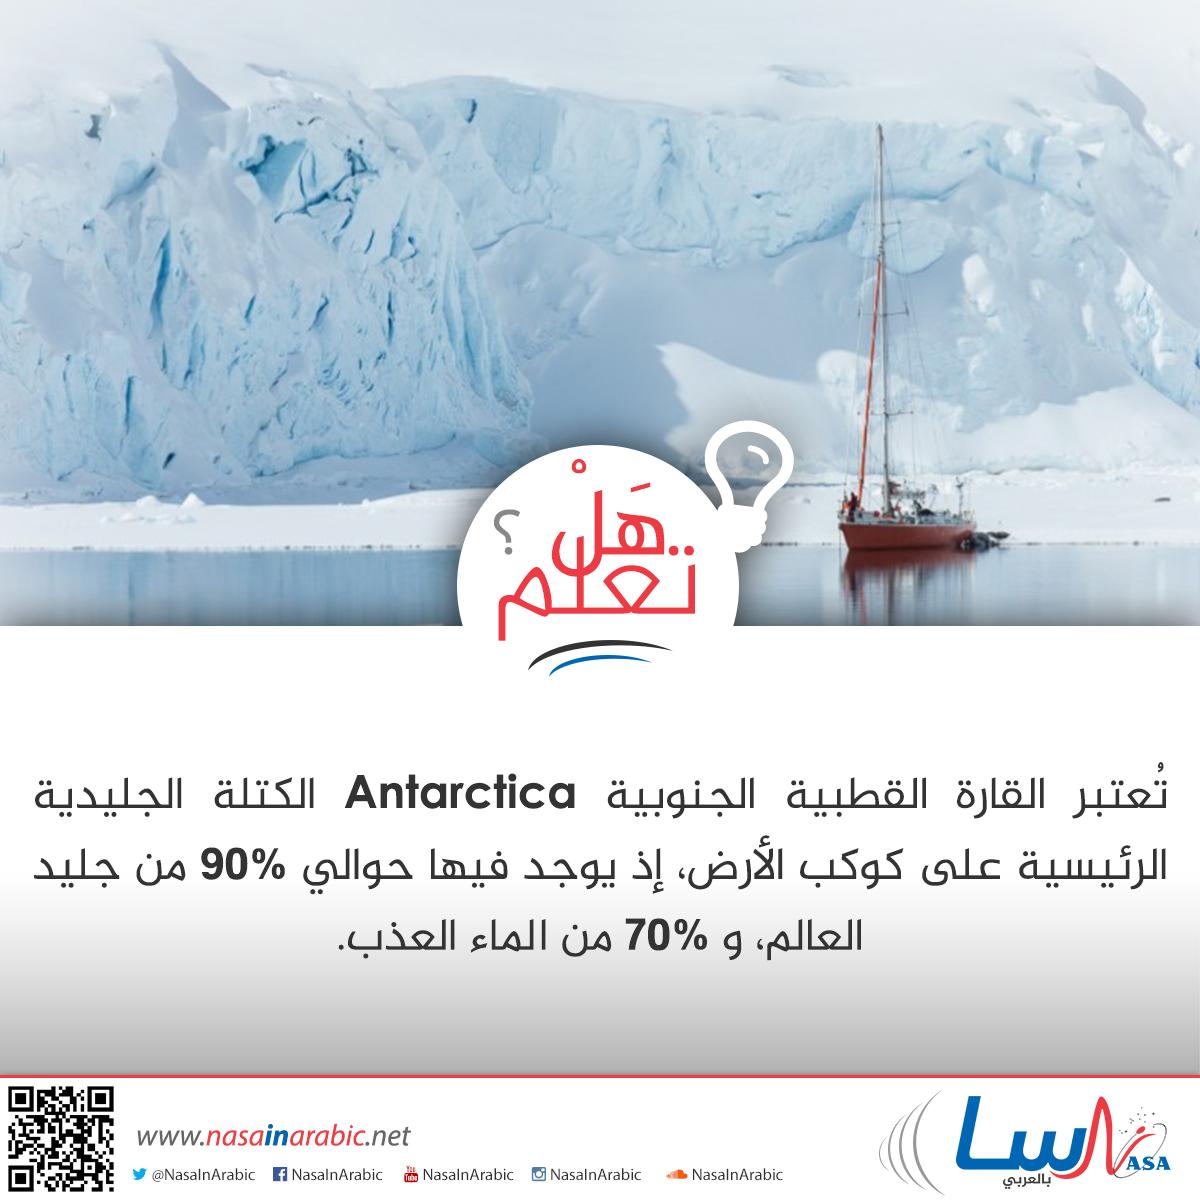 الكتلة الجليدية الرئيسية على كوكب الأرض